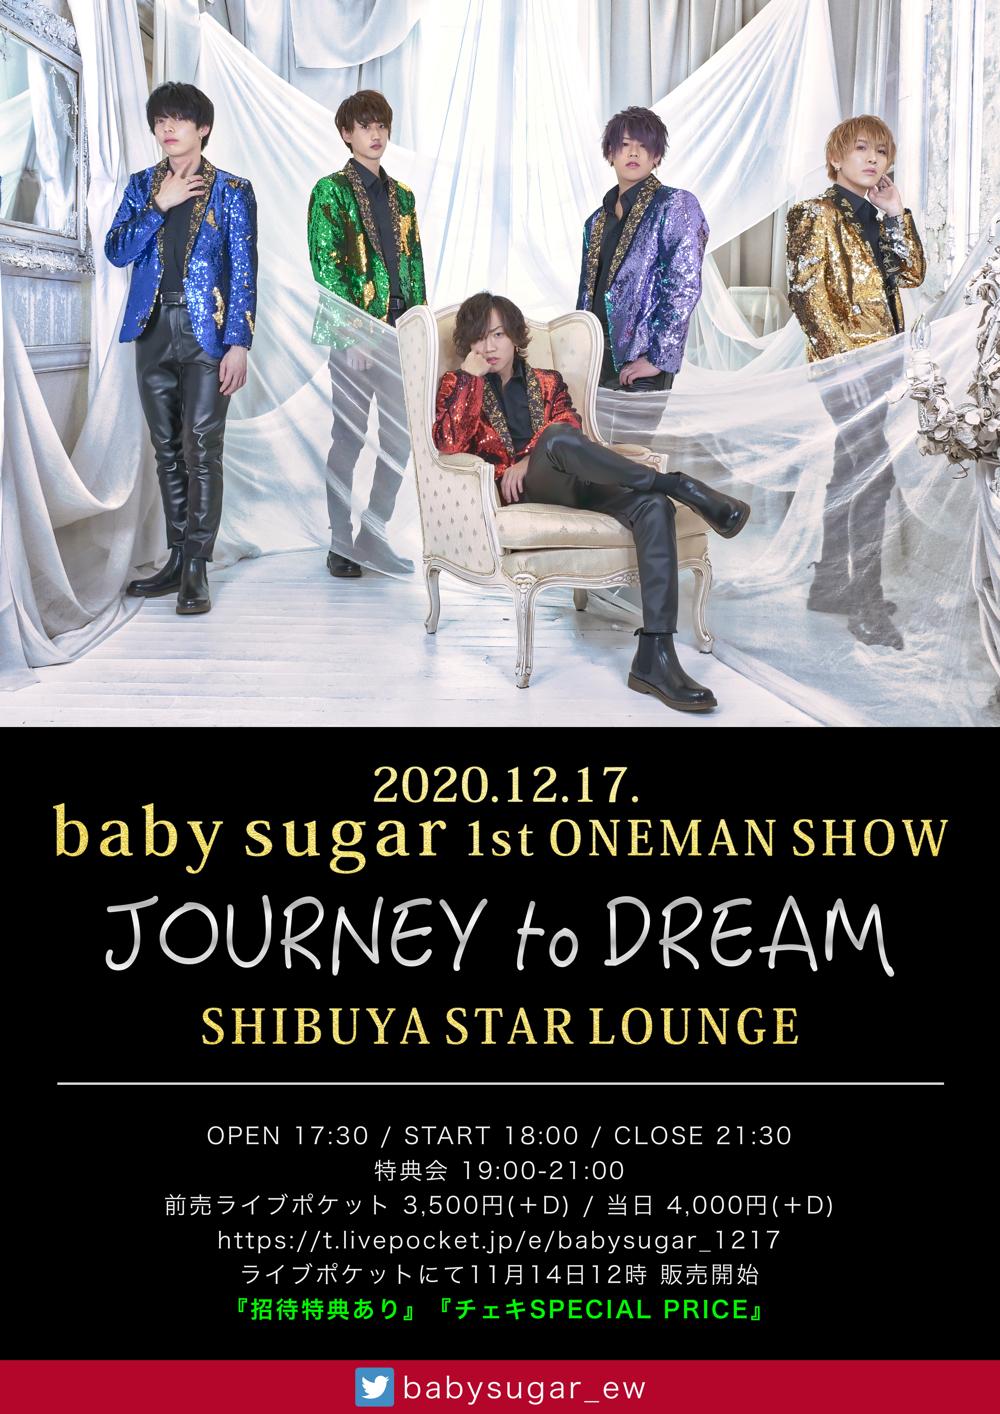 baby sugar 1st ONEMAN SHOW「JOURNEY to DREAM」